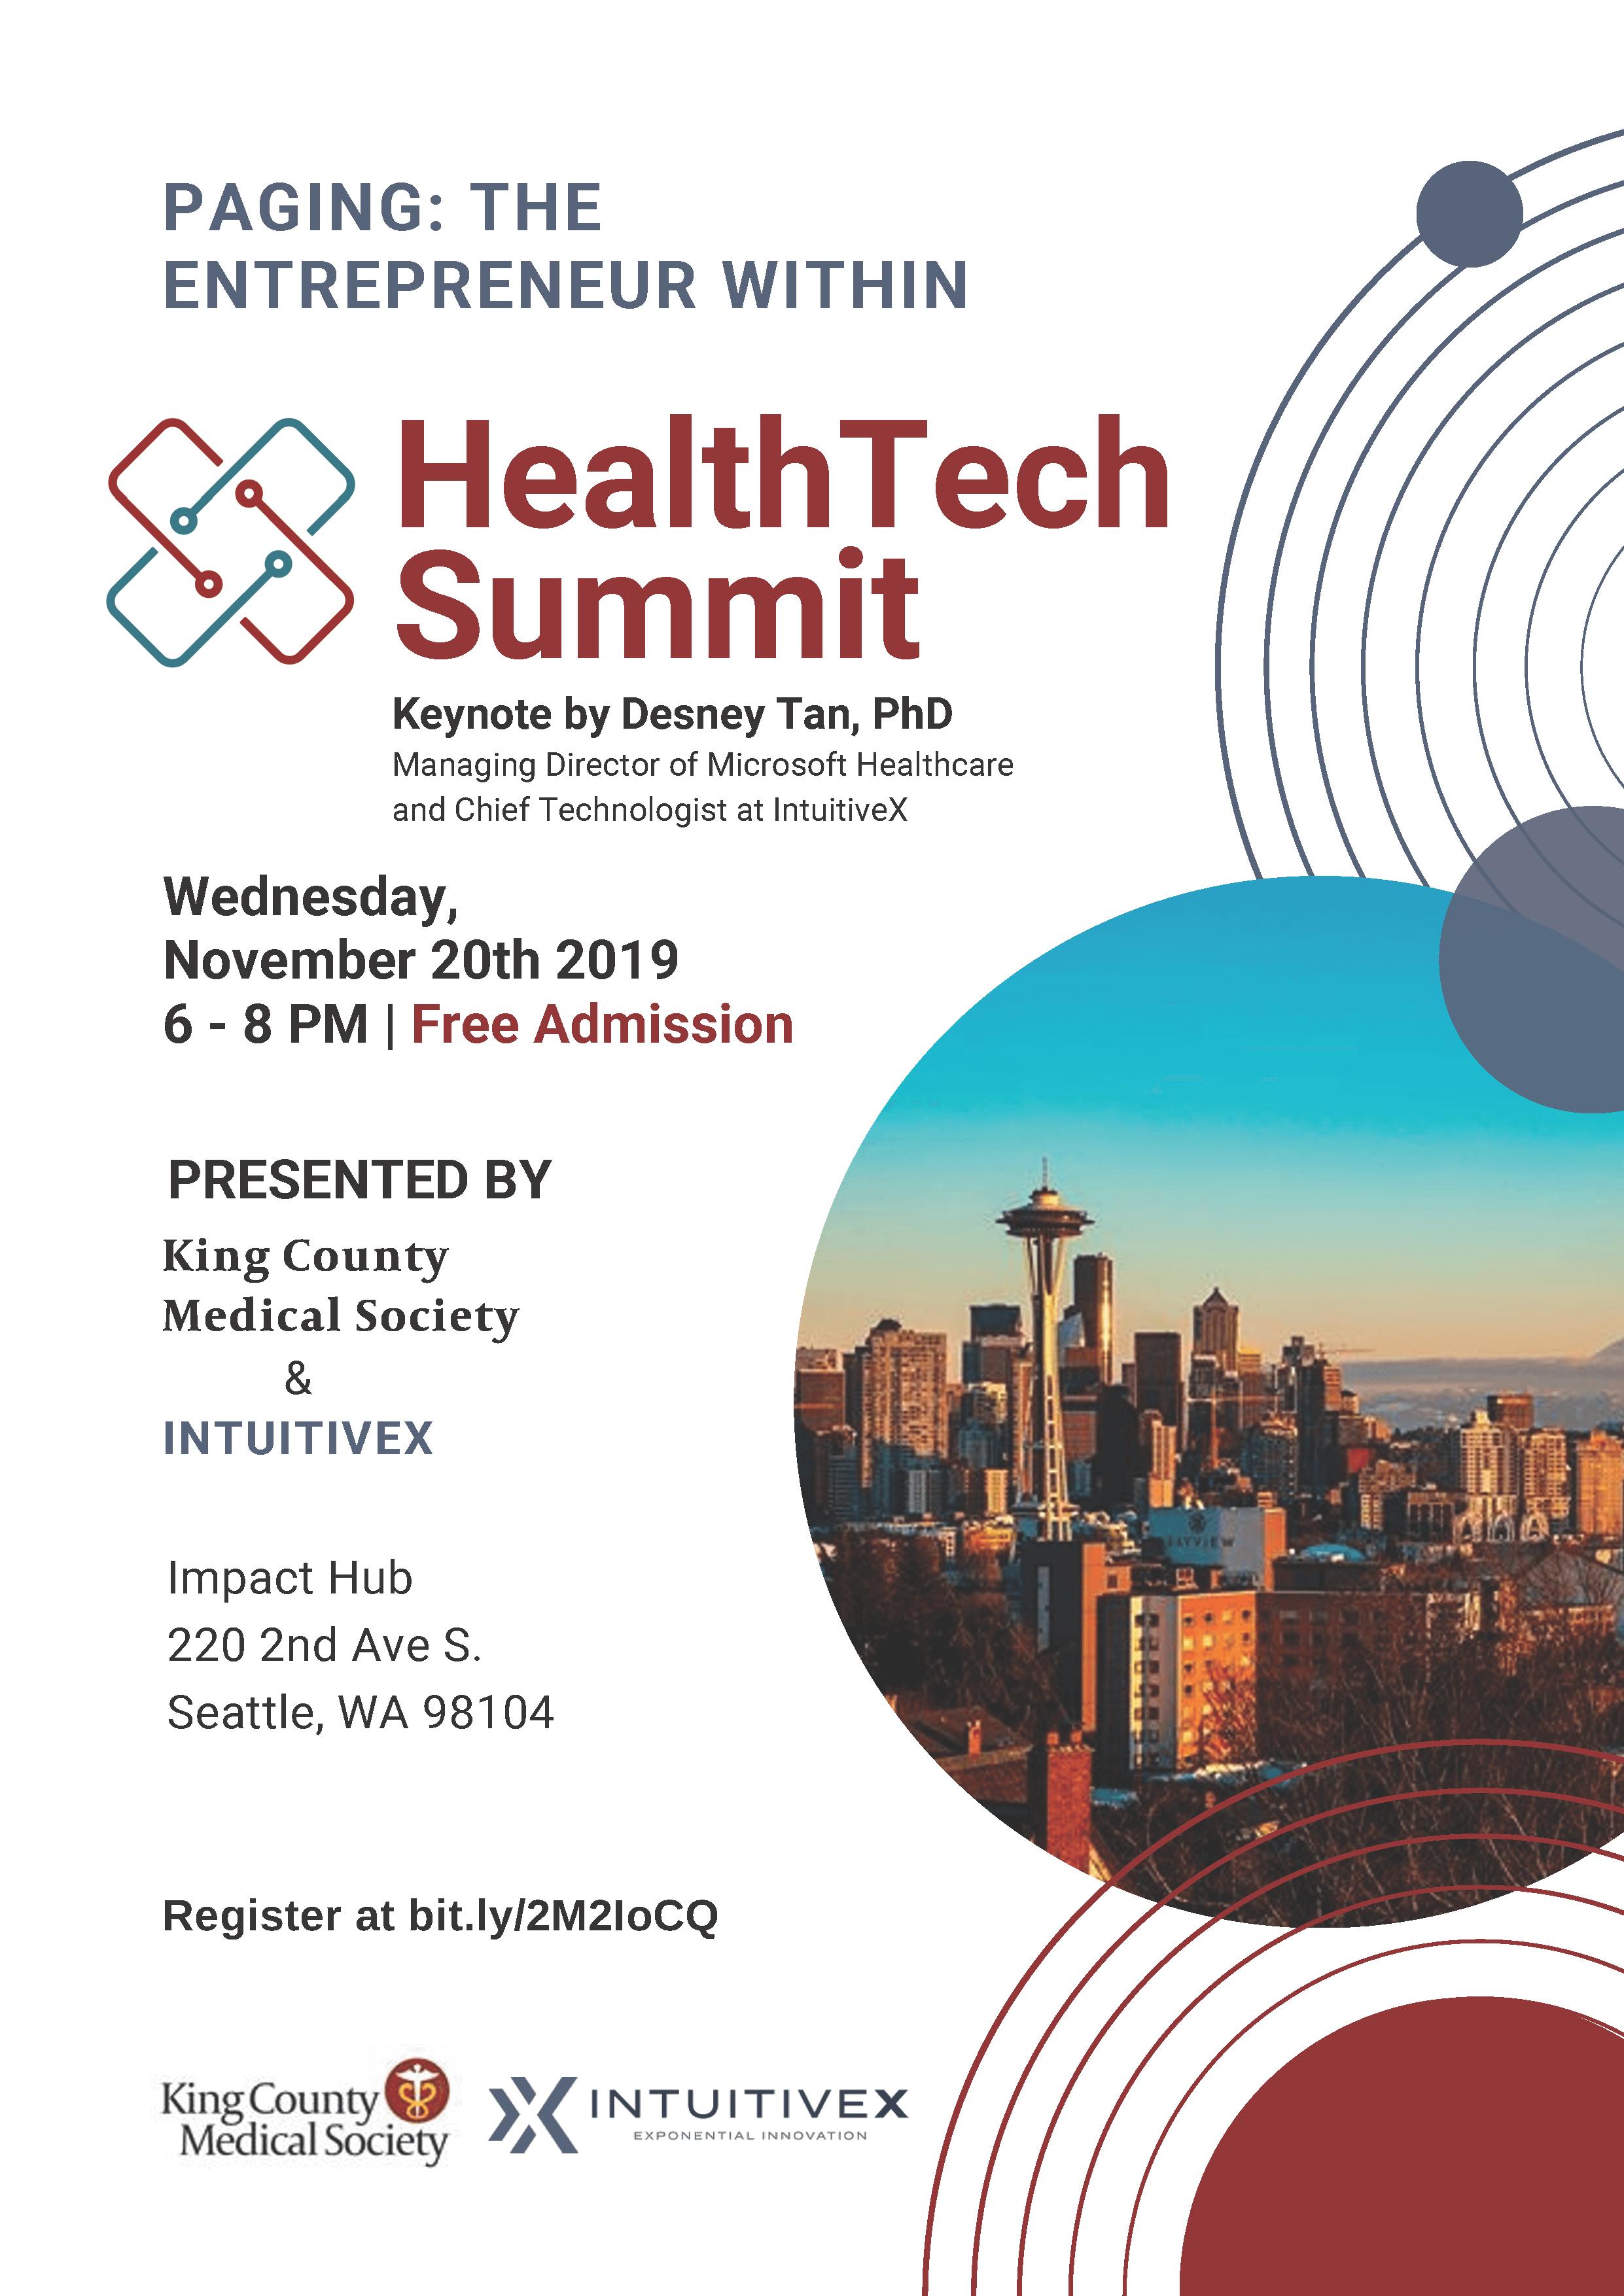 HealthTech Summit